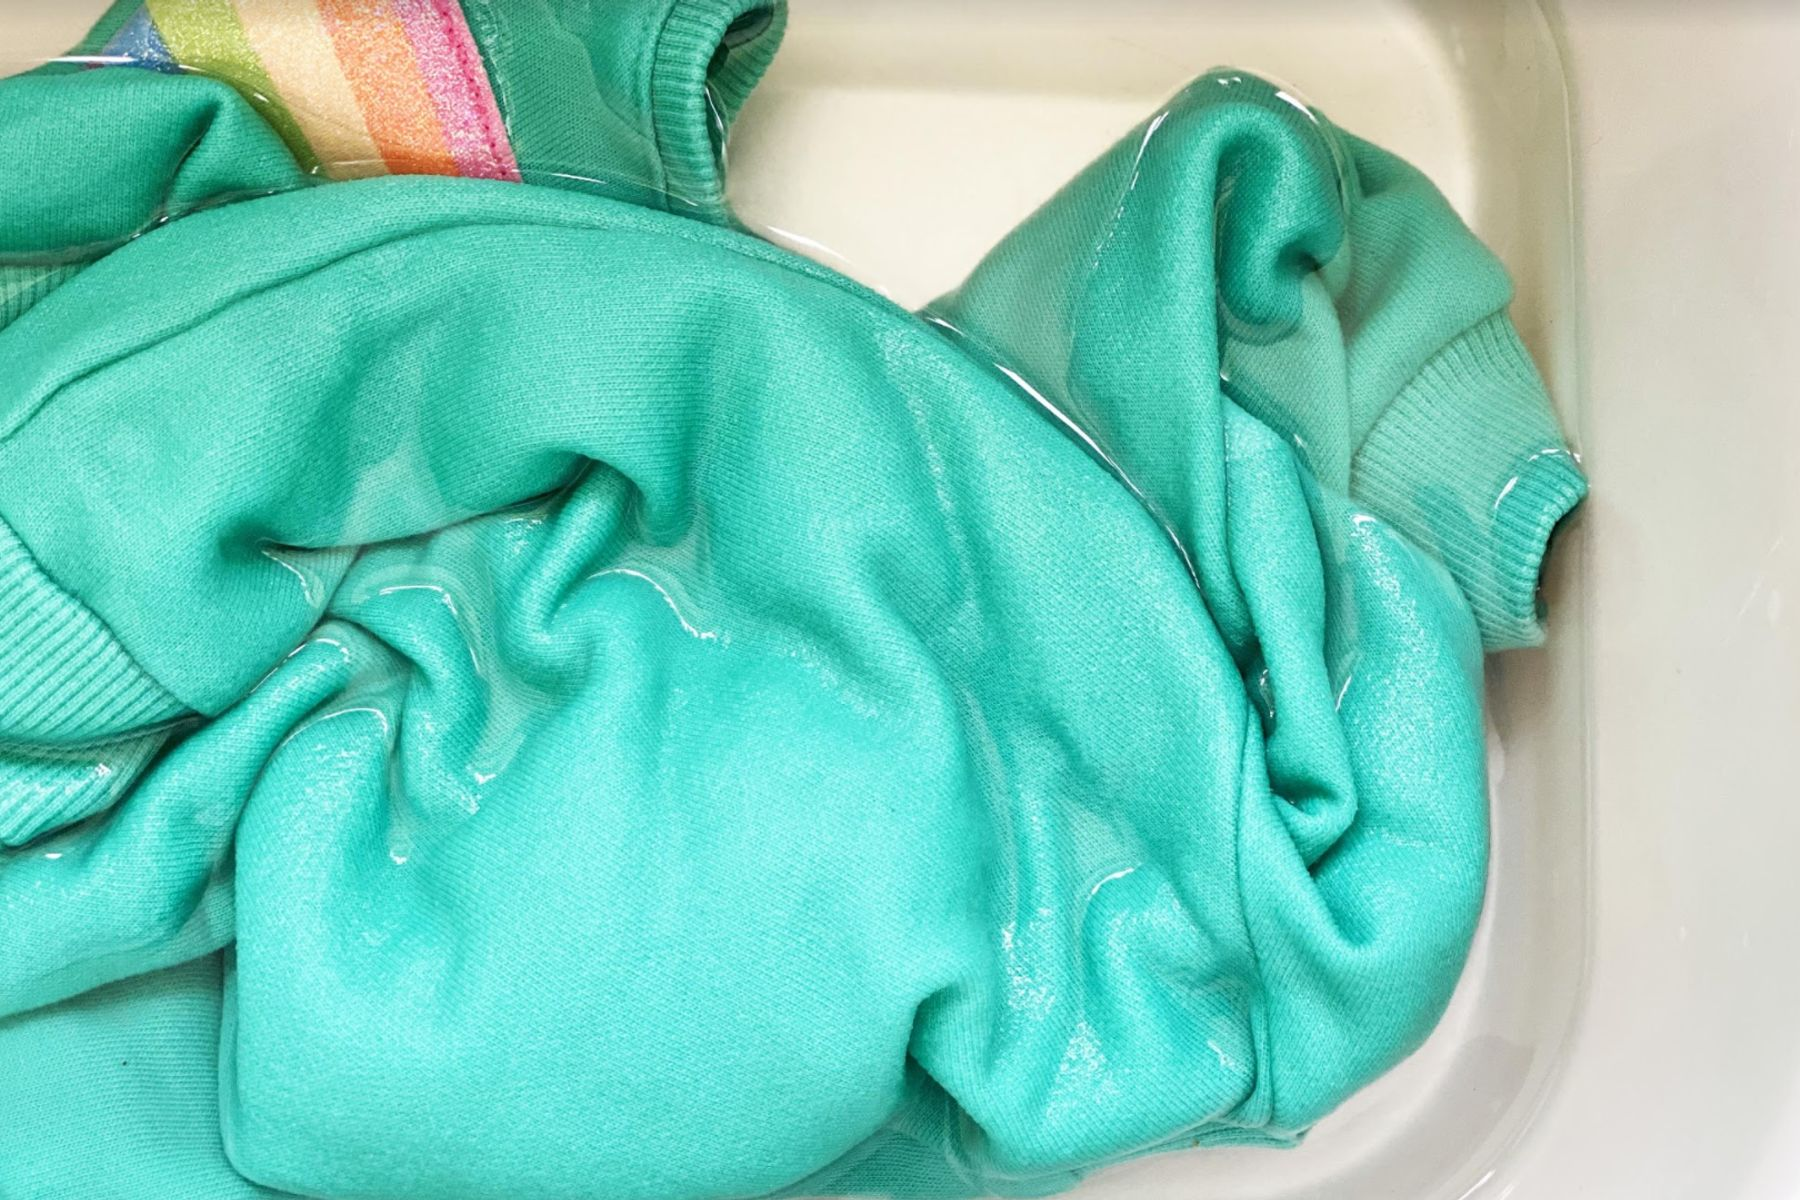 Cómo lavar poliéster correctamente: seguí estos 7 pasos